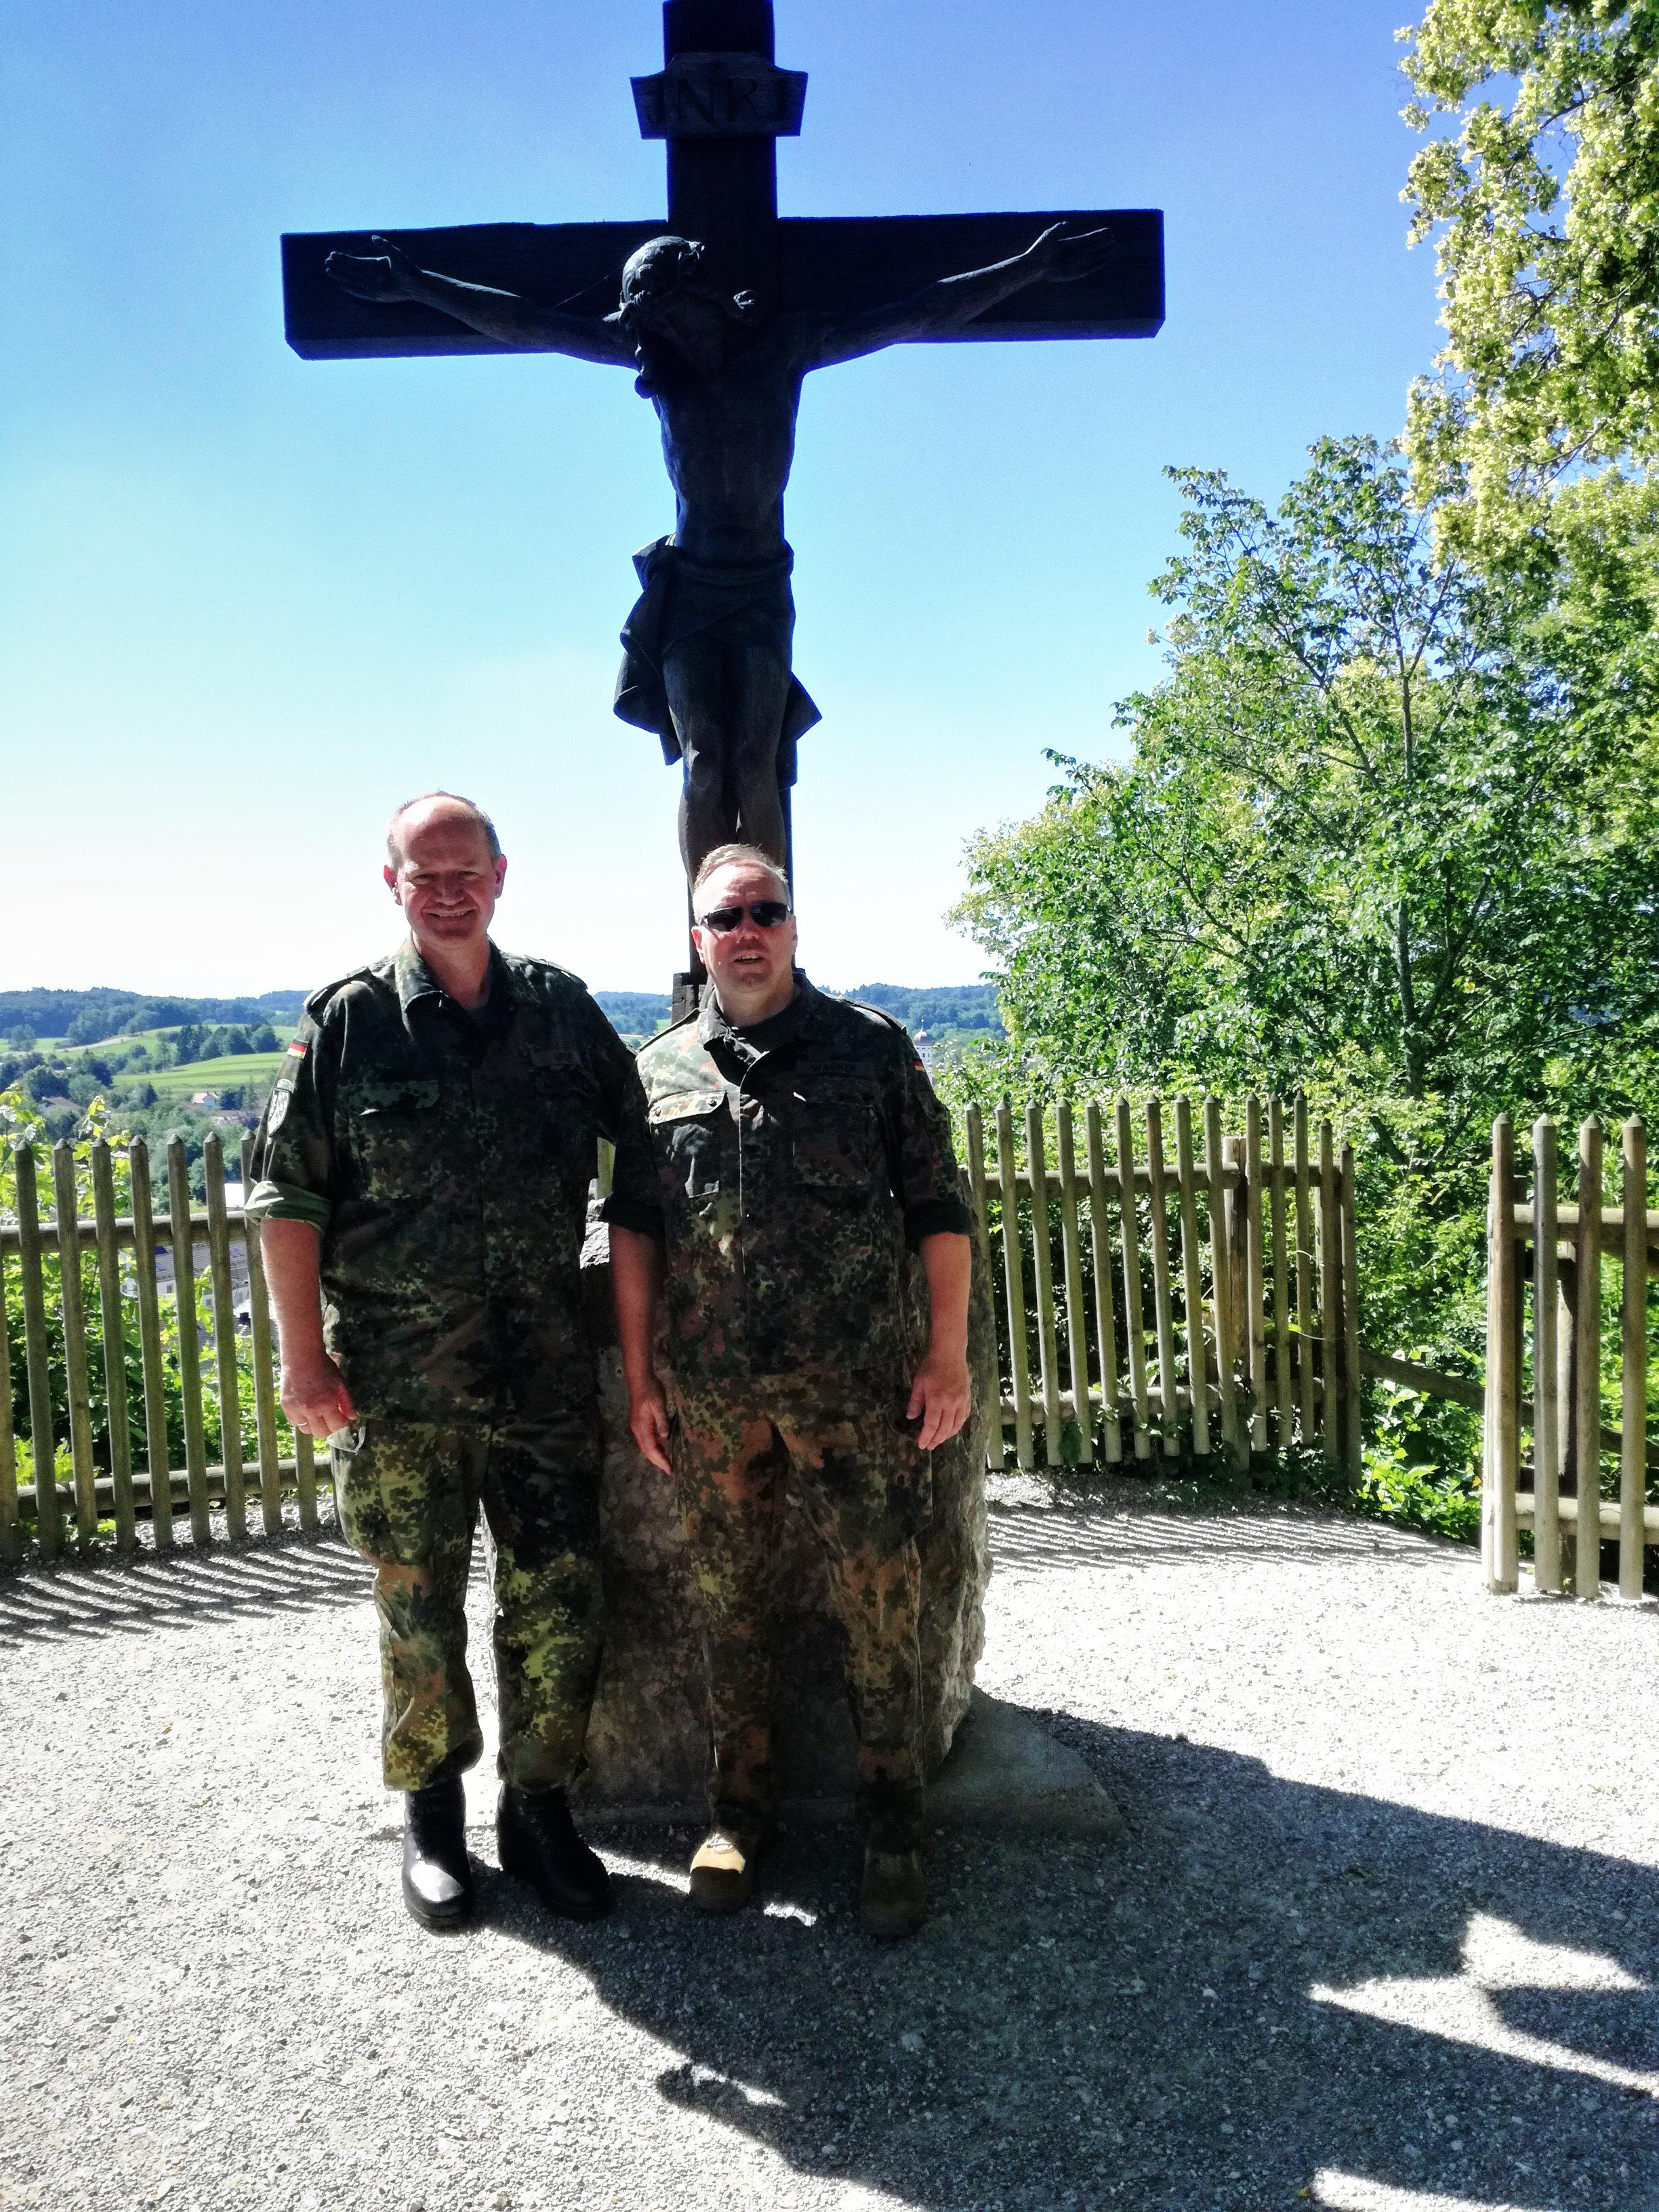 Der Vorsitzende des Katholikenrates beim deutschen Militärbischof OTL Gereon Gräf und der Leitende Militärdekan Arthur Wagner auf dem heiligen Berg